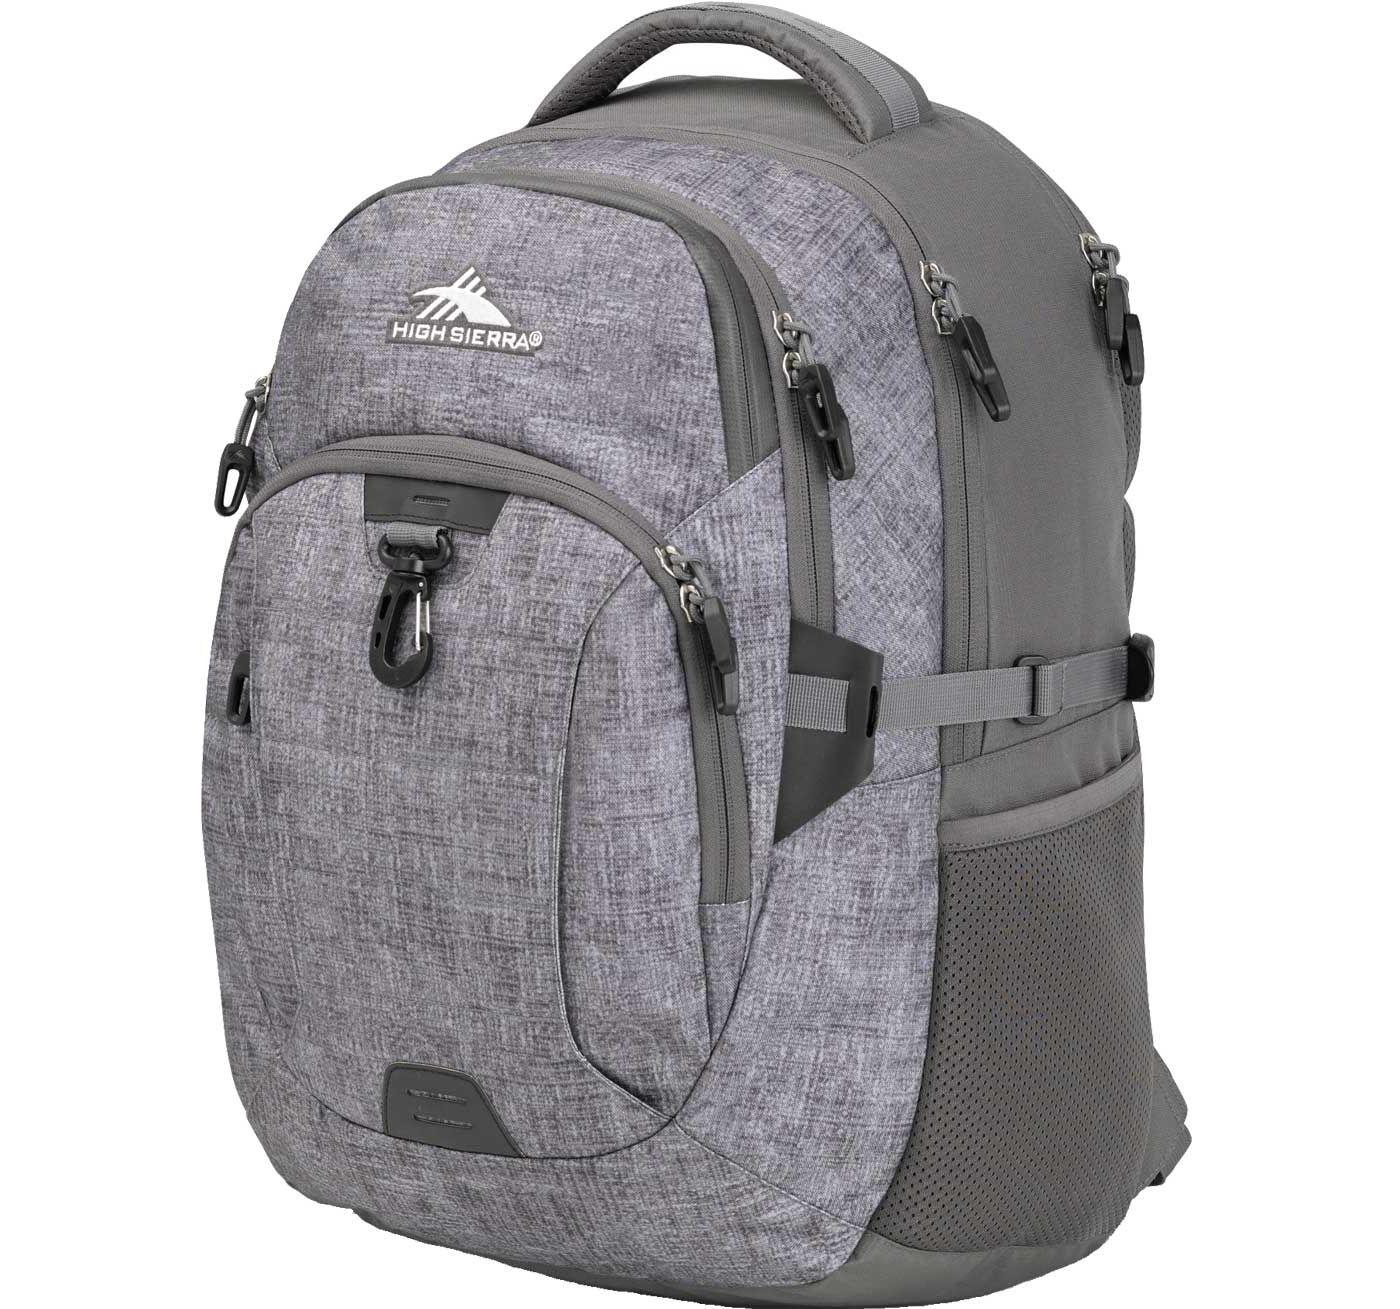 High Sierra Jarvis Backpack